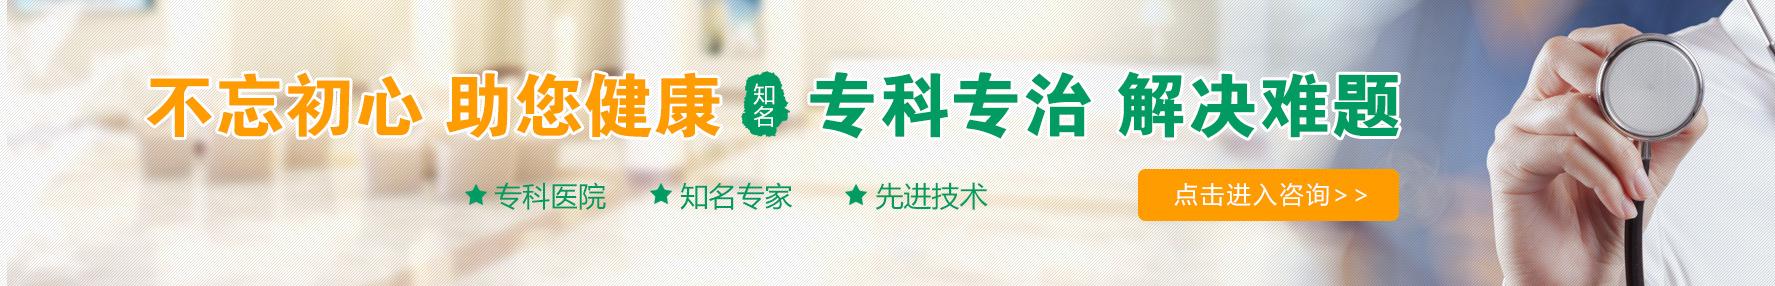 重庆阳痿早泄医院